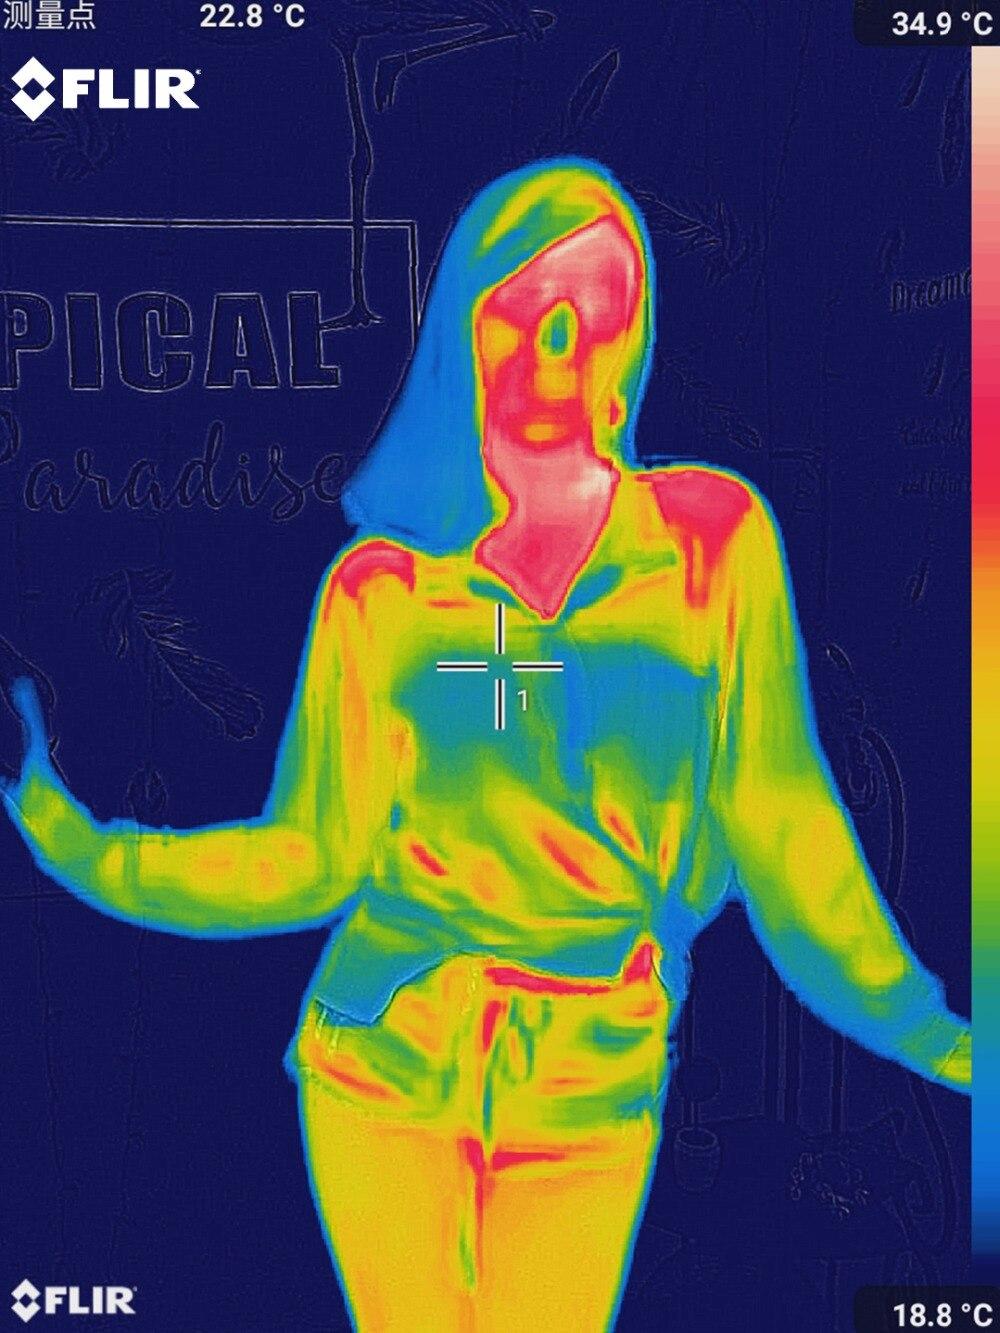 Тепловизионная камера инфракрасного изображения ночного видения FLIR ONE PRO использование для iphone ipad iOS или Android